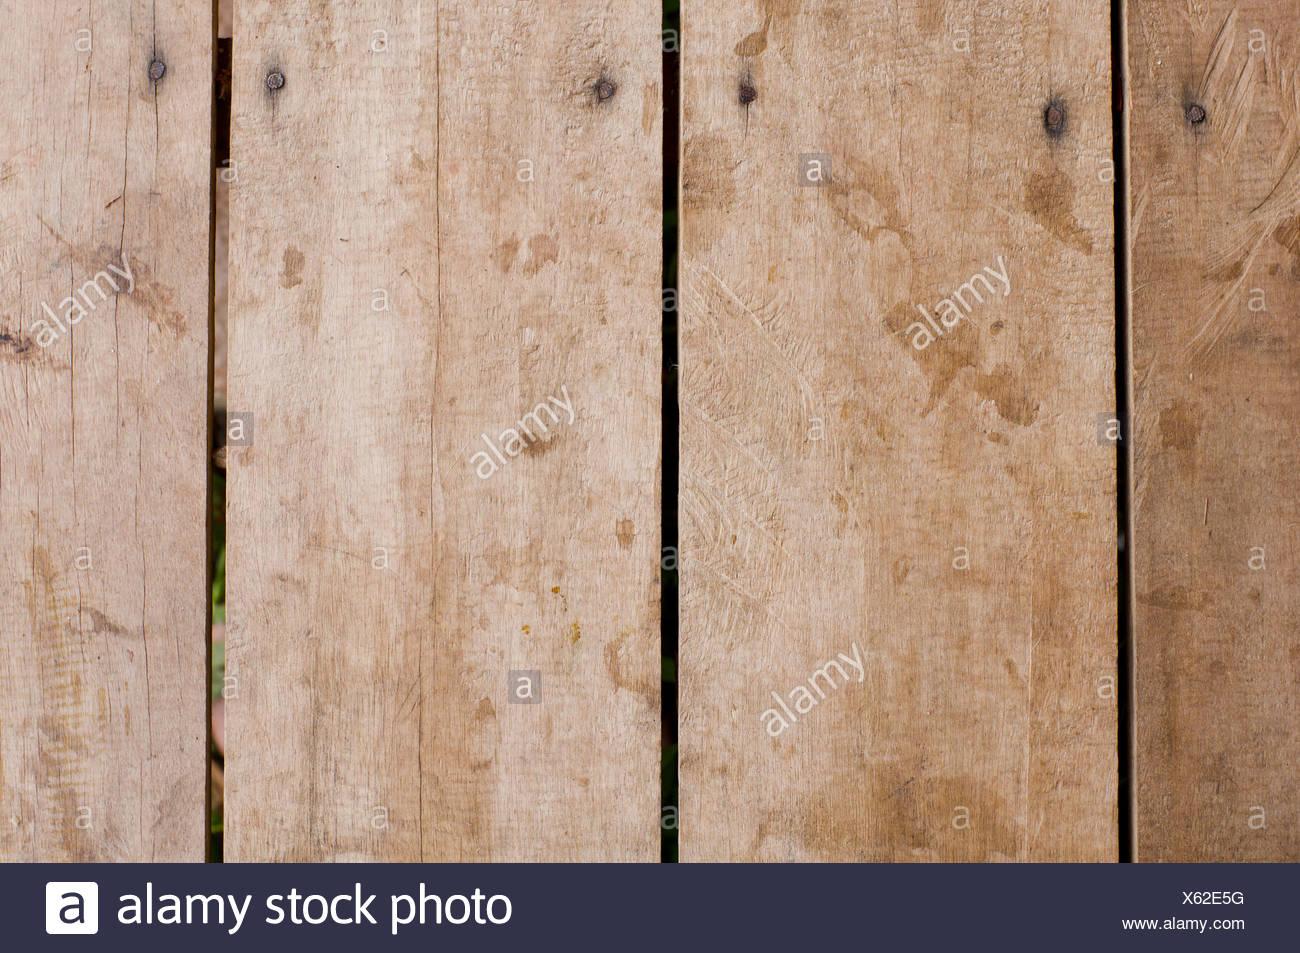 Holzbohlen Hintergründe Stockbild